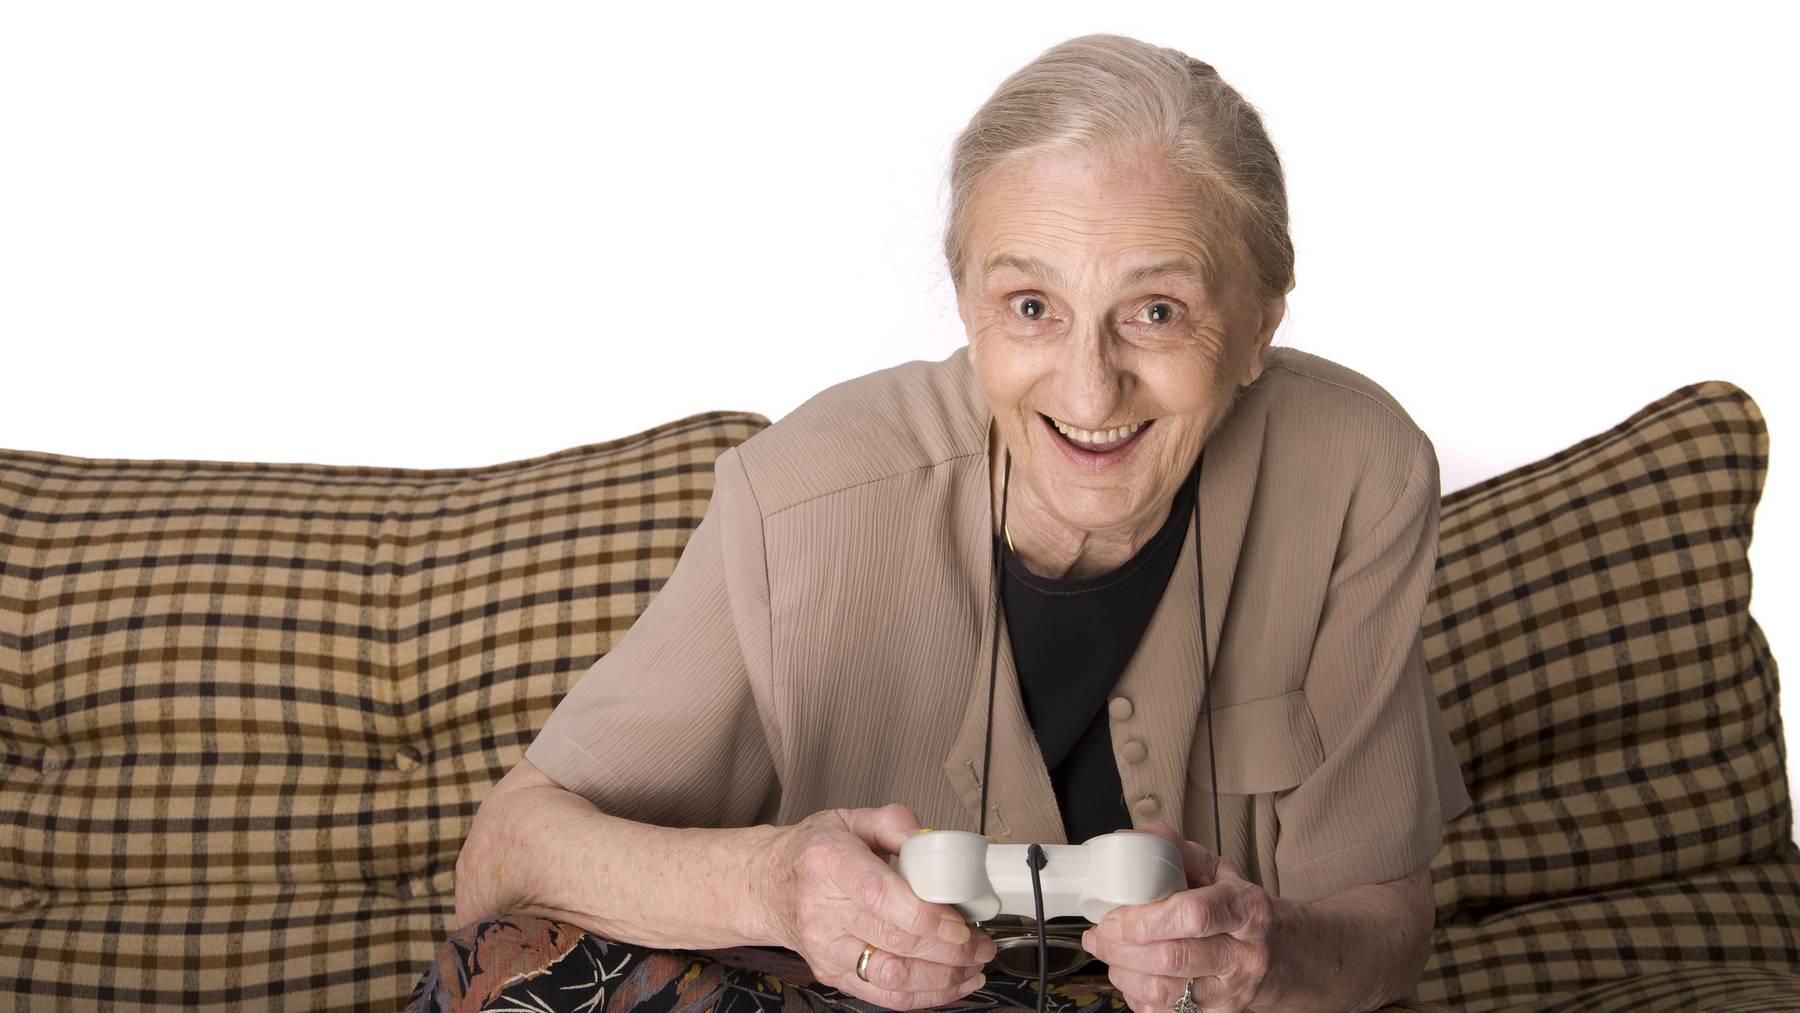 Grossmutter spielt Videospiele.